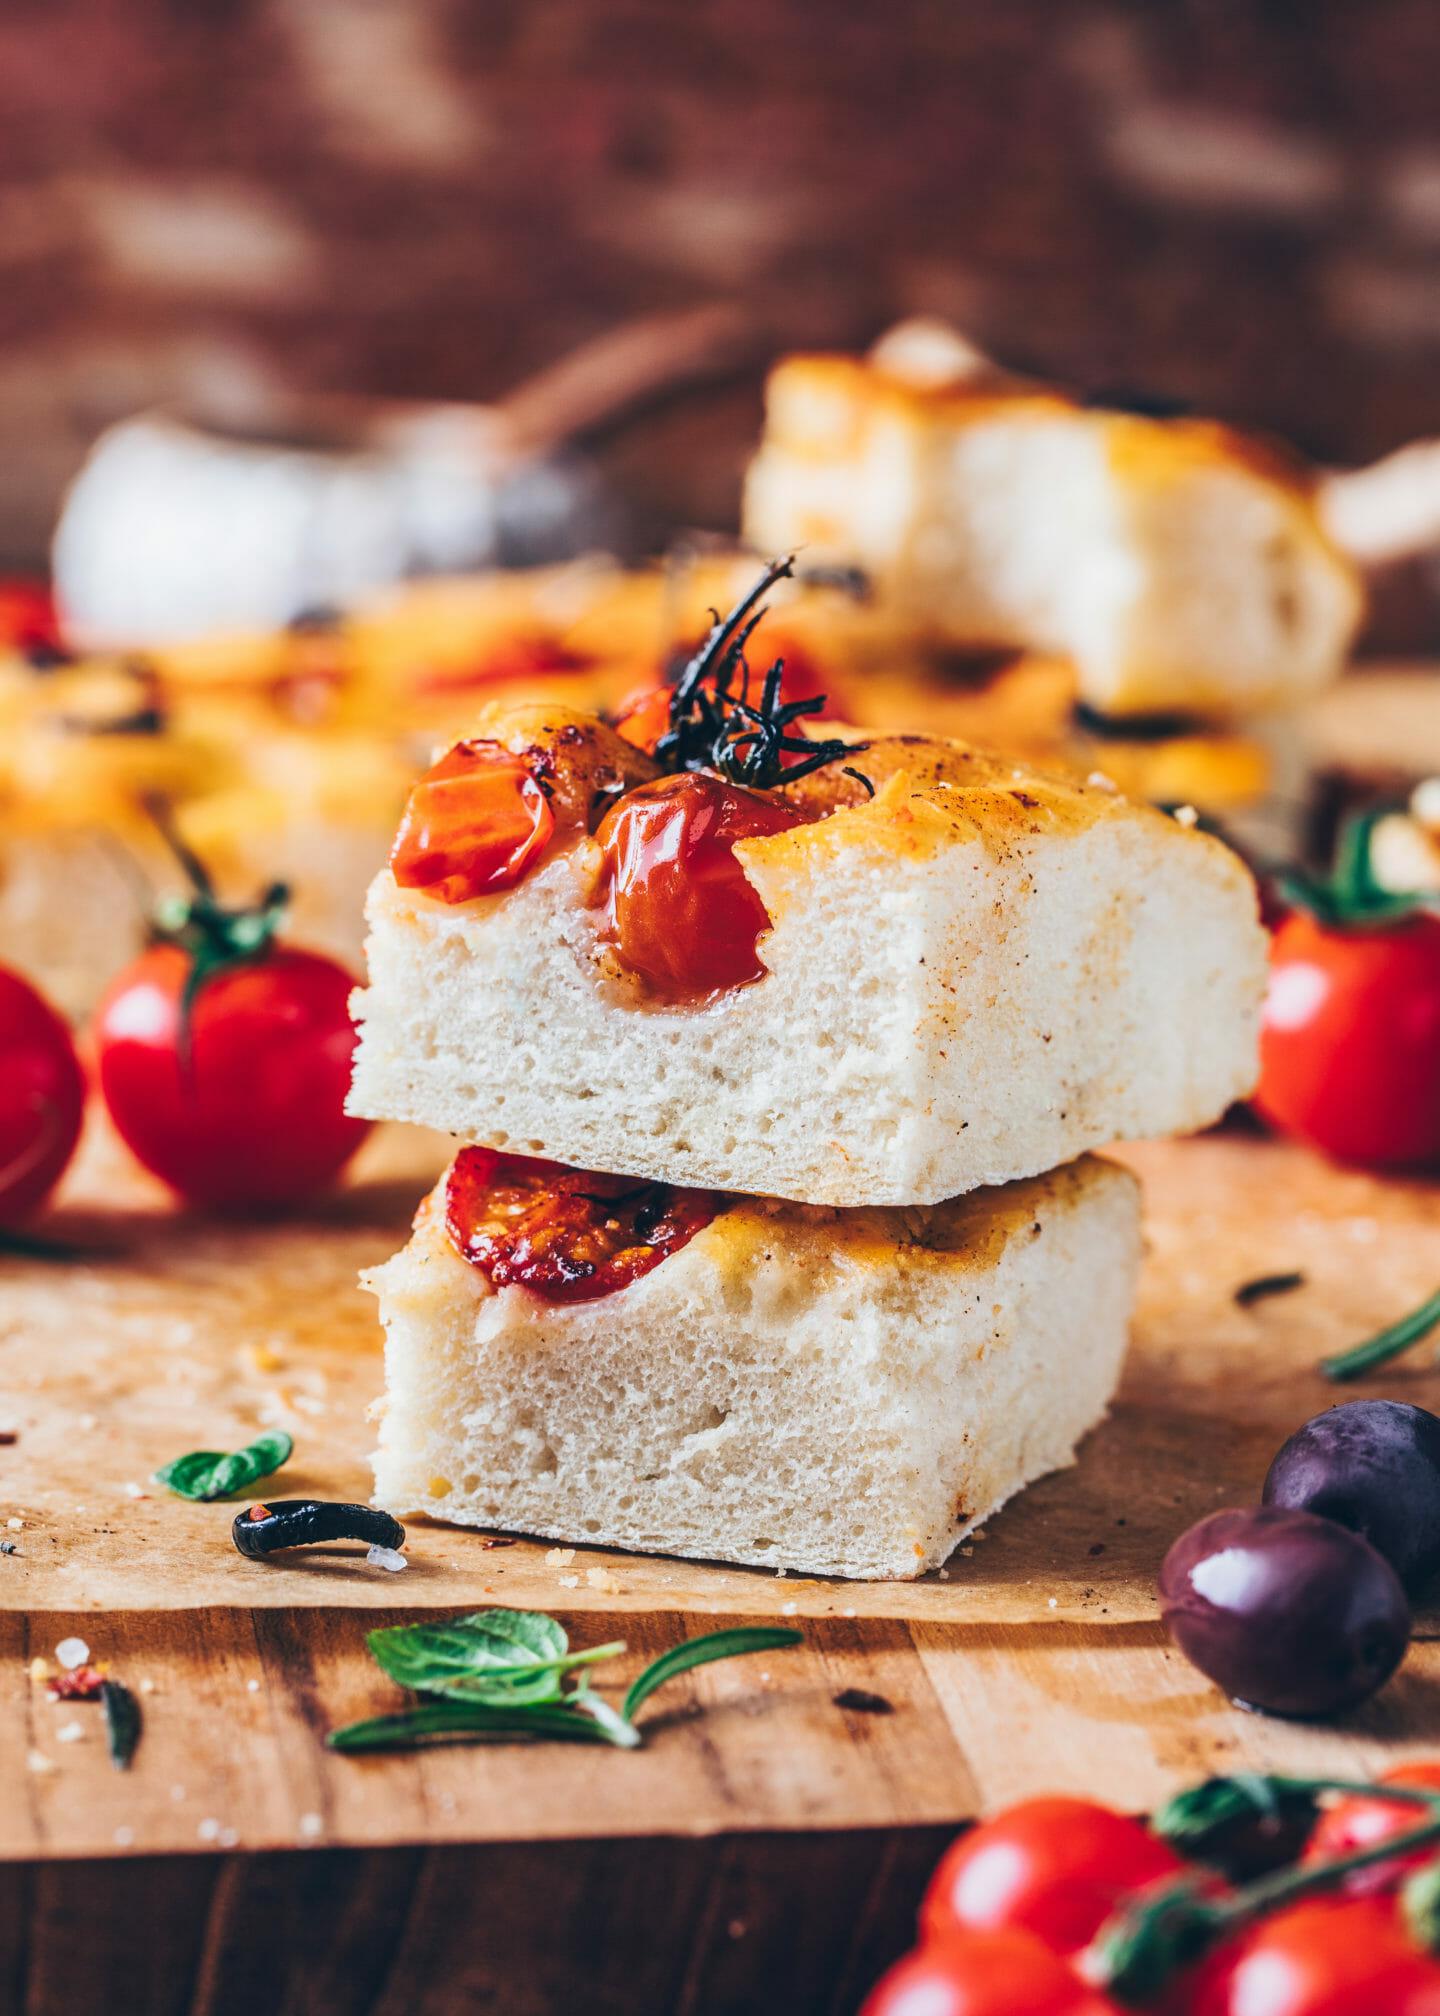 Focaccia mit Kirsch-Tomaten, Oliven, Rosmarin und Meersalz